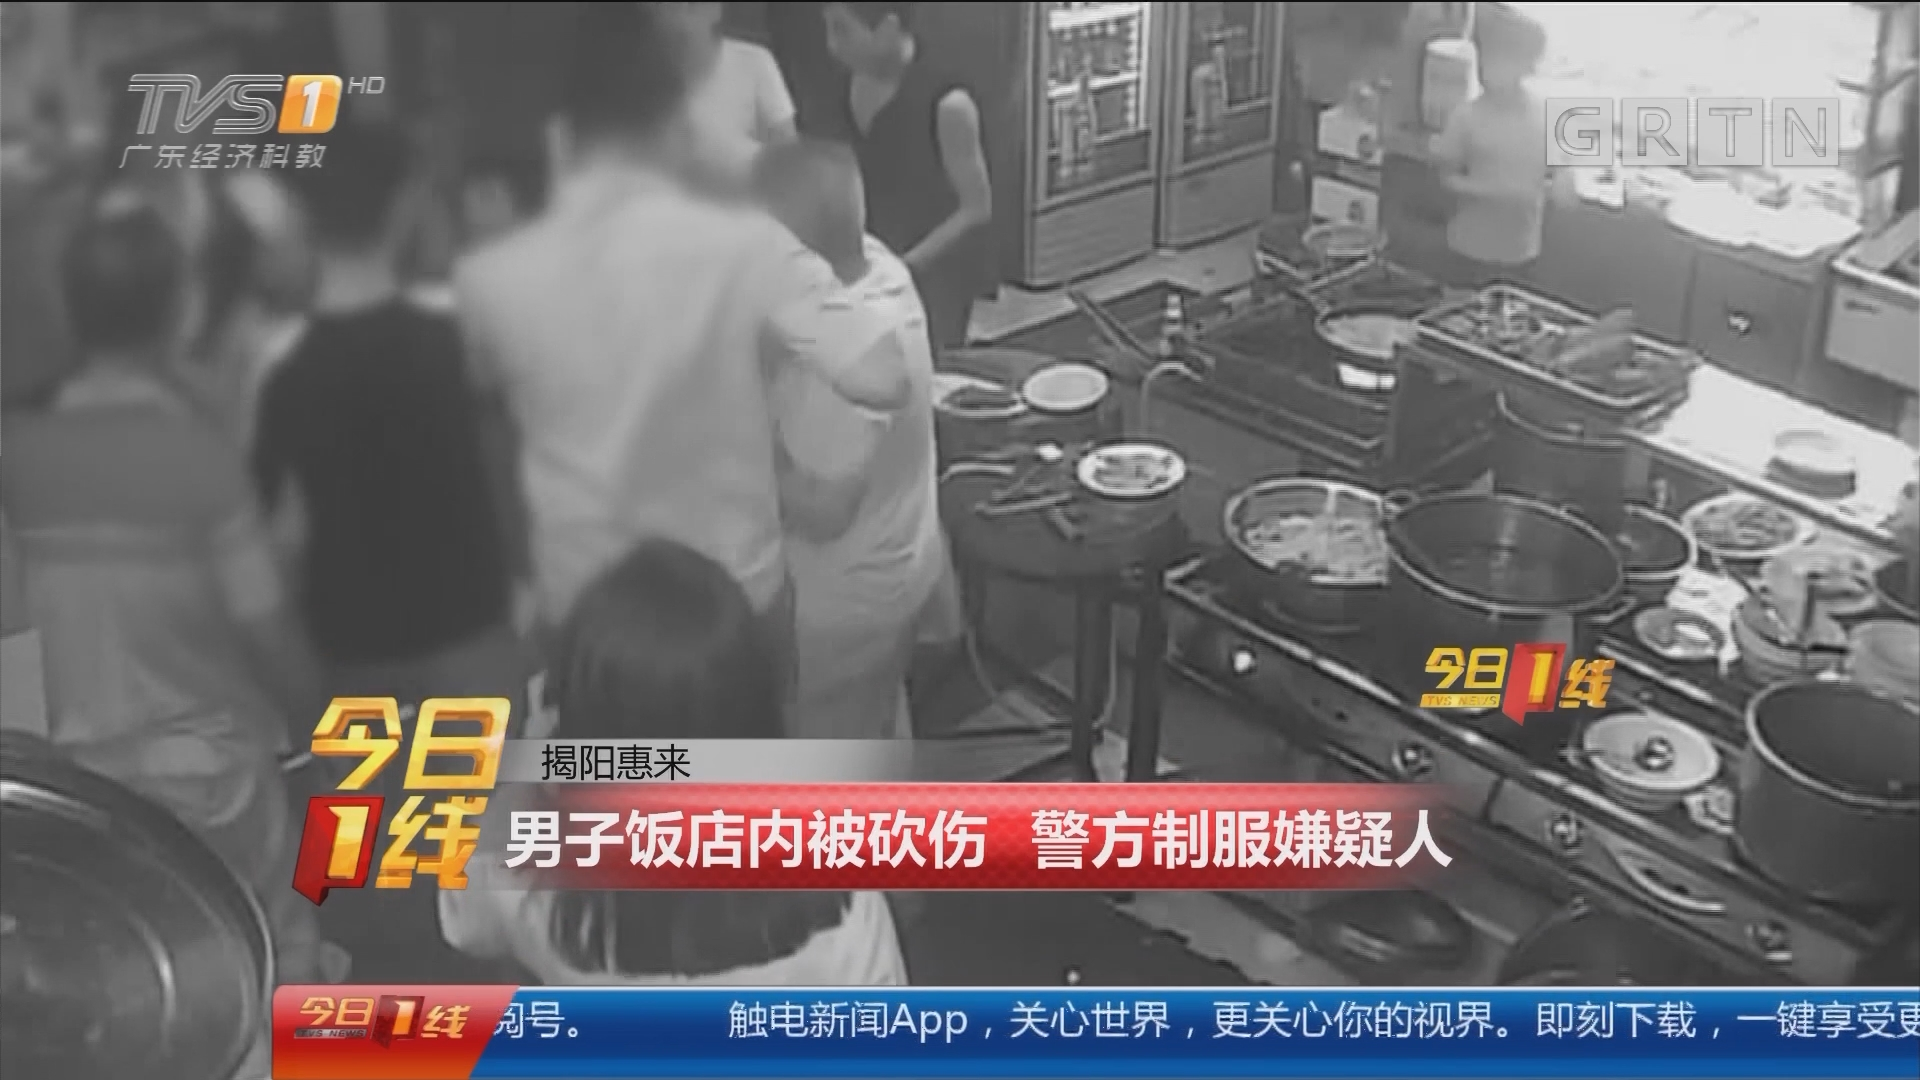 揭阳惠来:男子饭店内被砍伤 警方制服嫌疑人